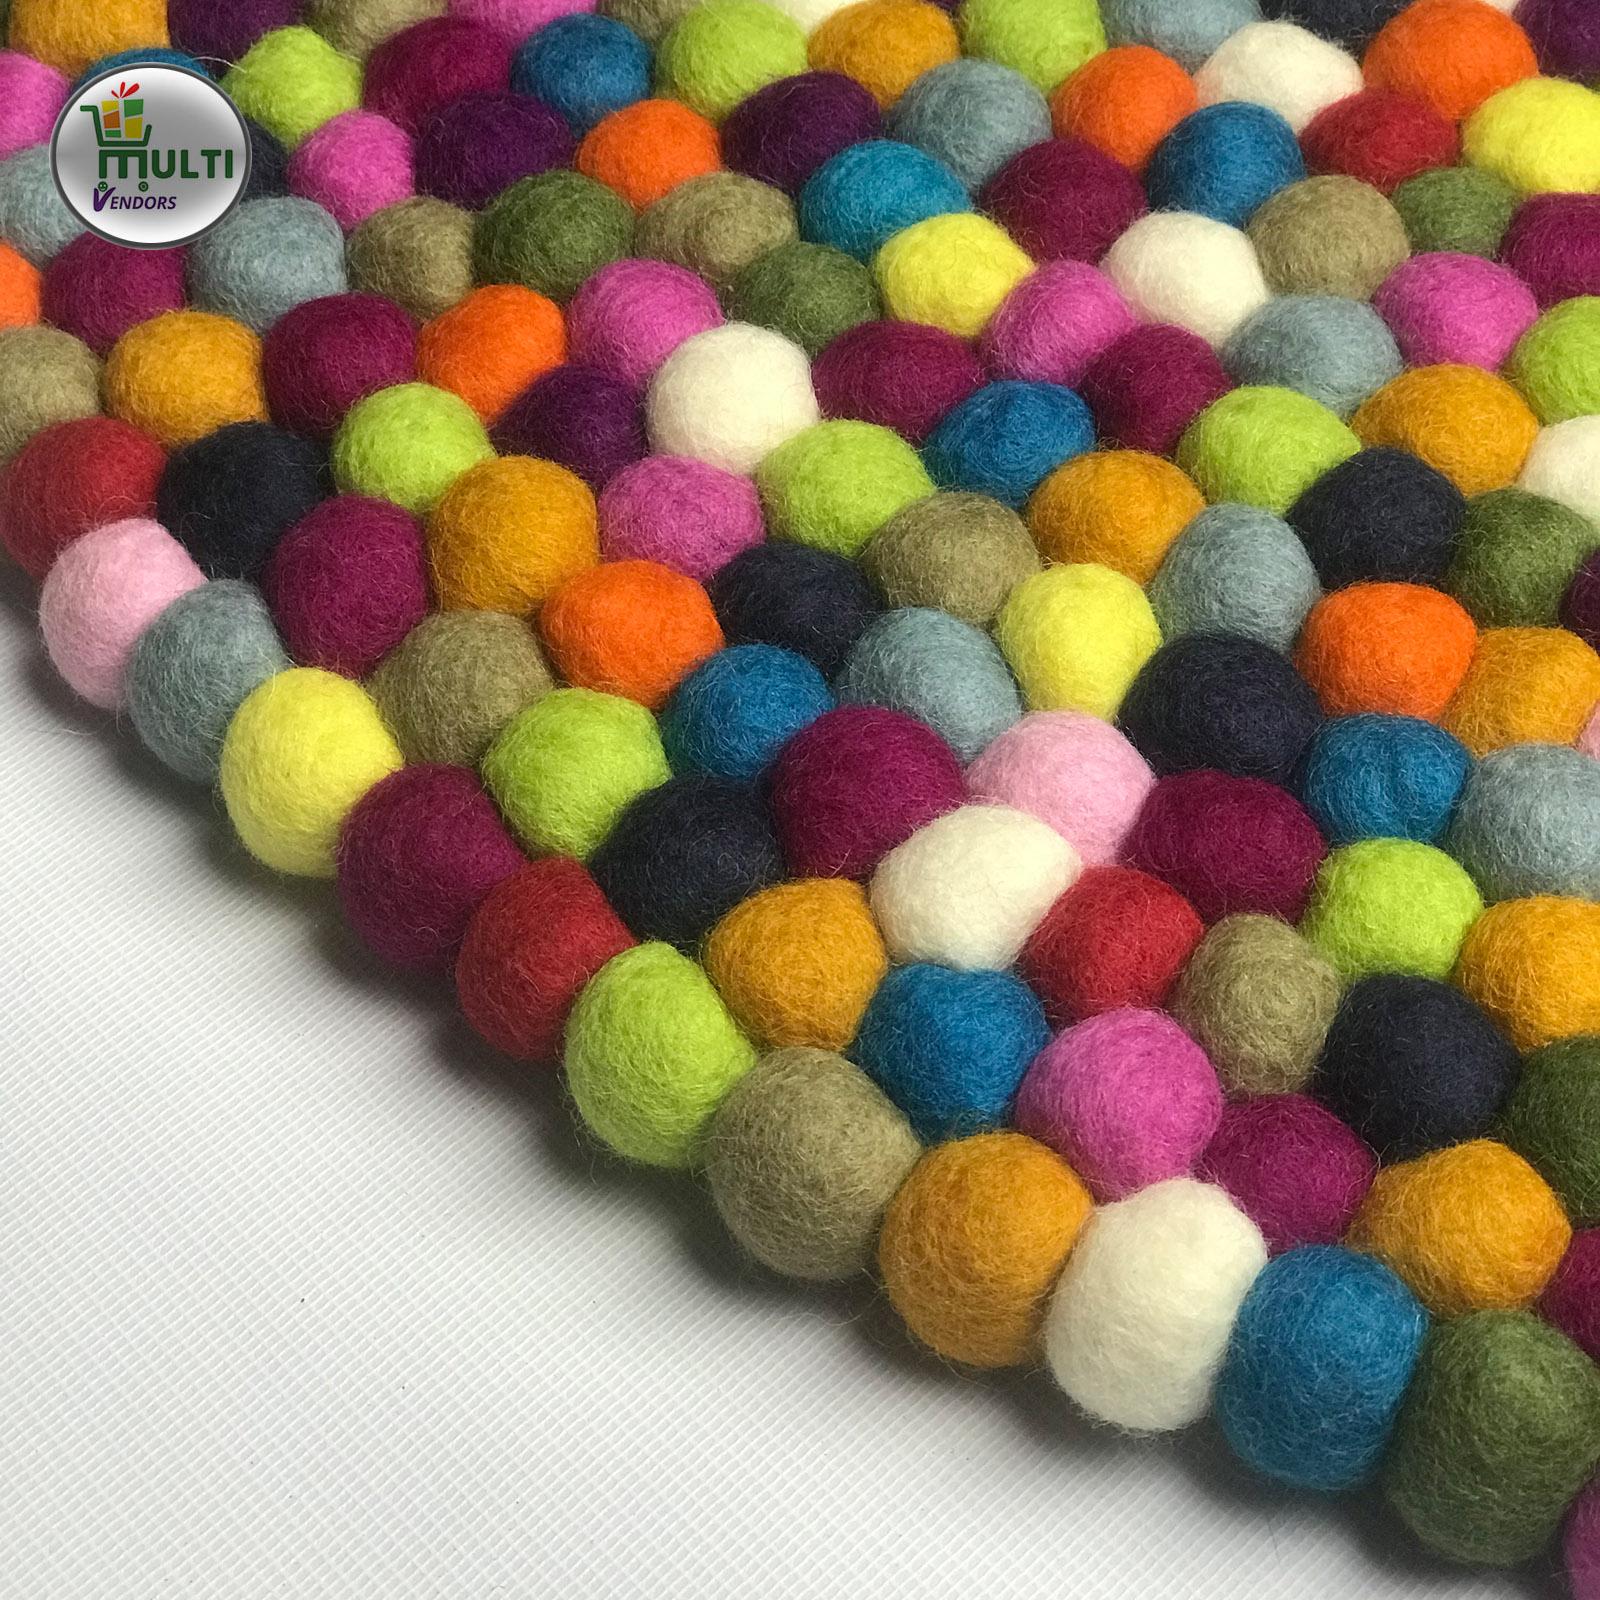 Round  Multi Color Felt Ball Rug -21501A